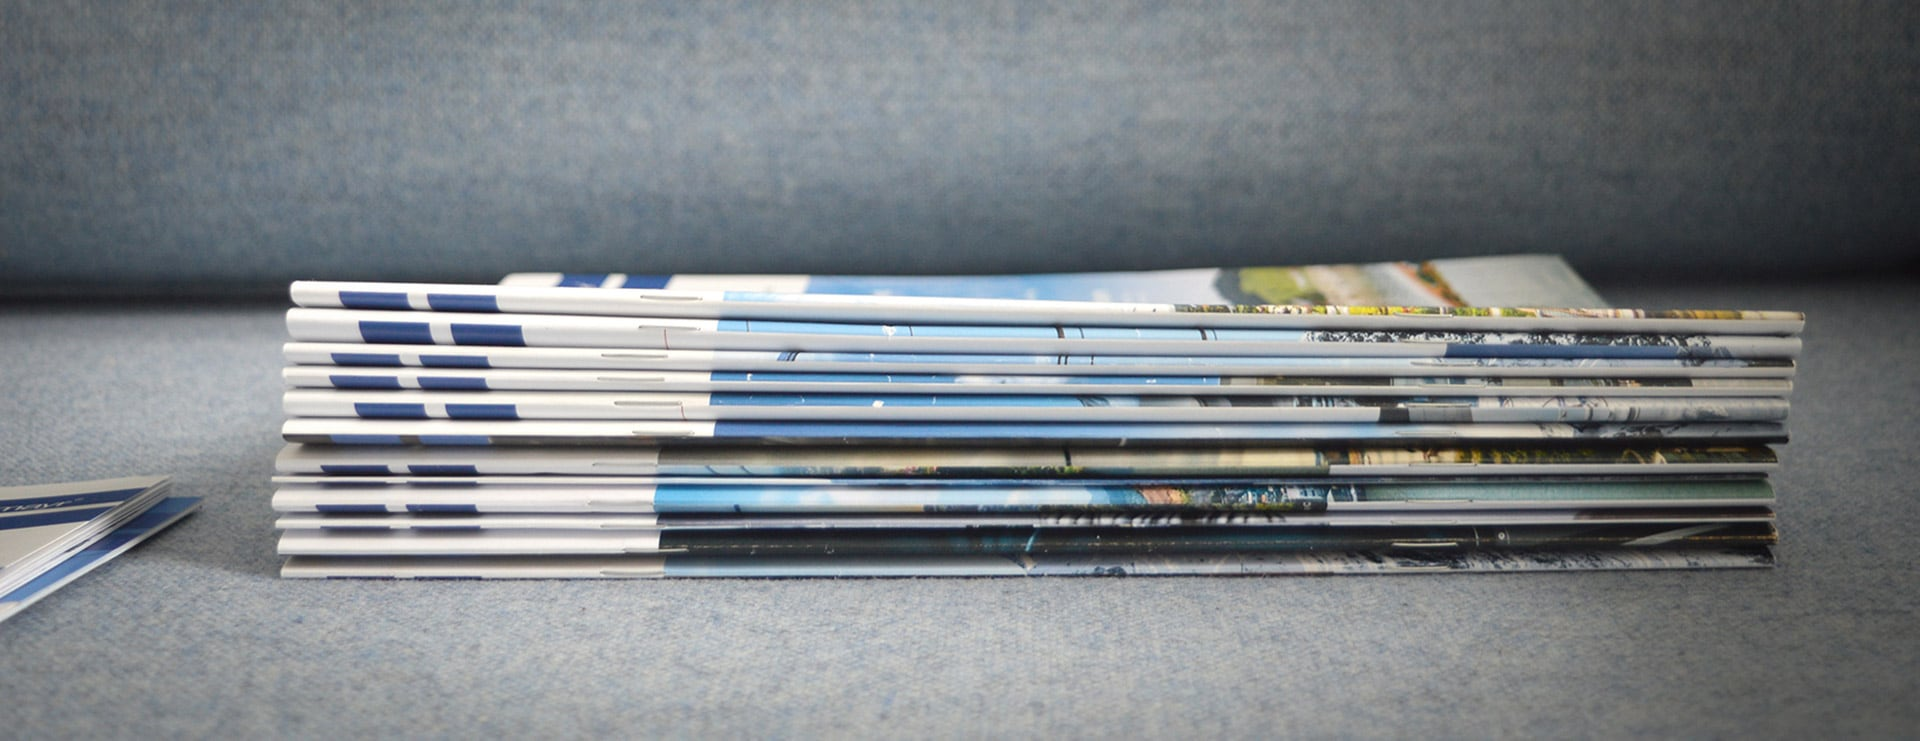 Stapel mit WIR Magazinen